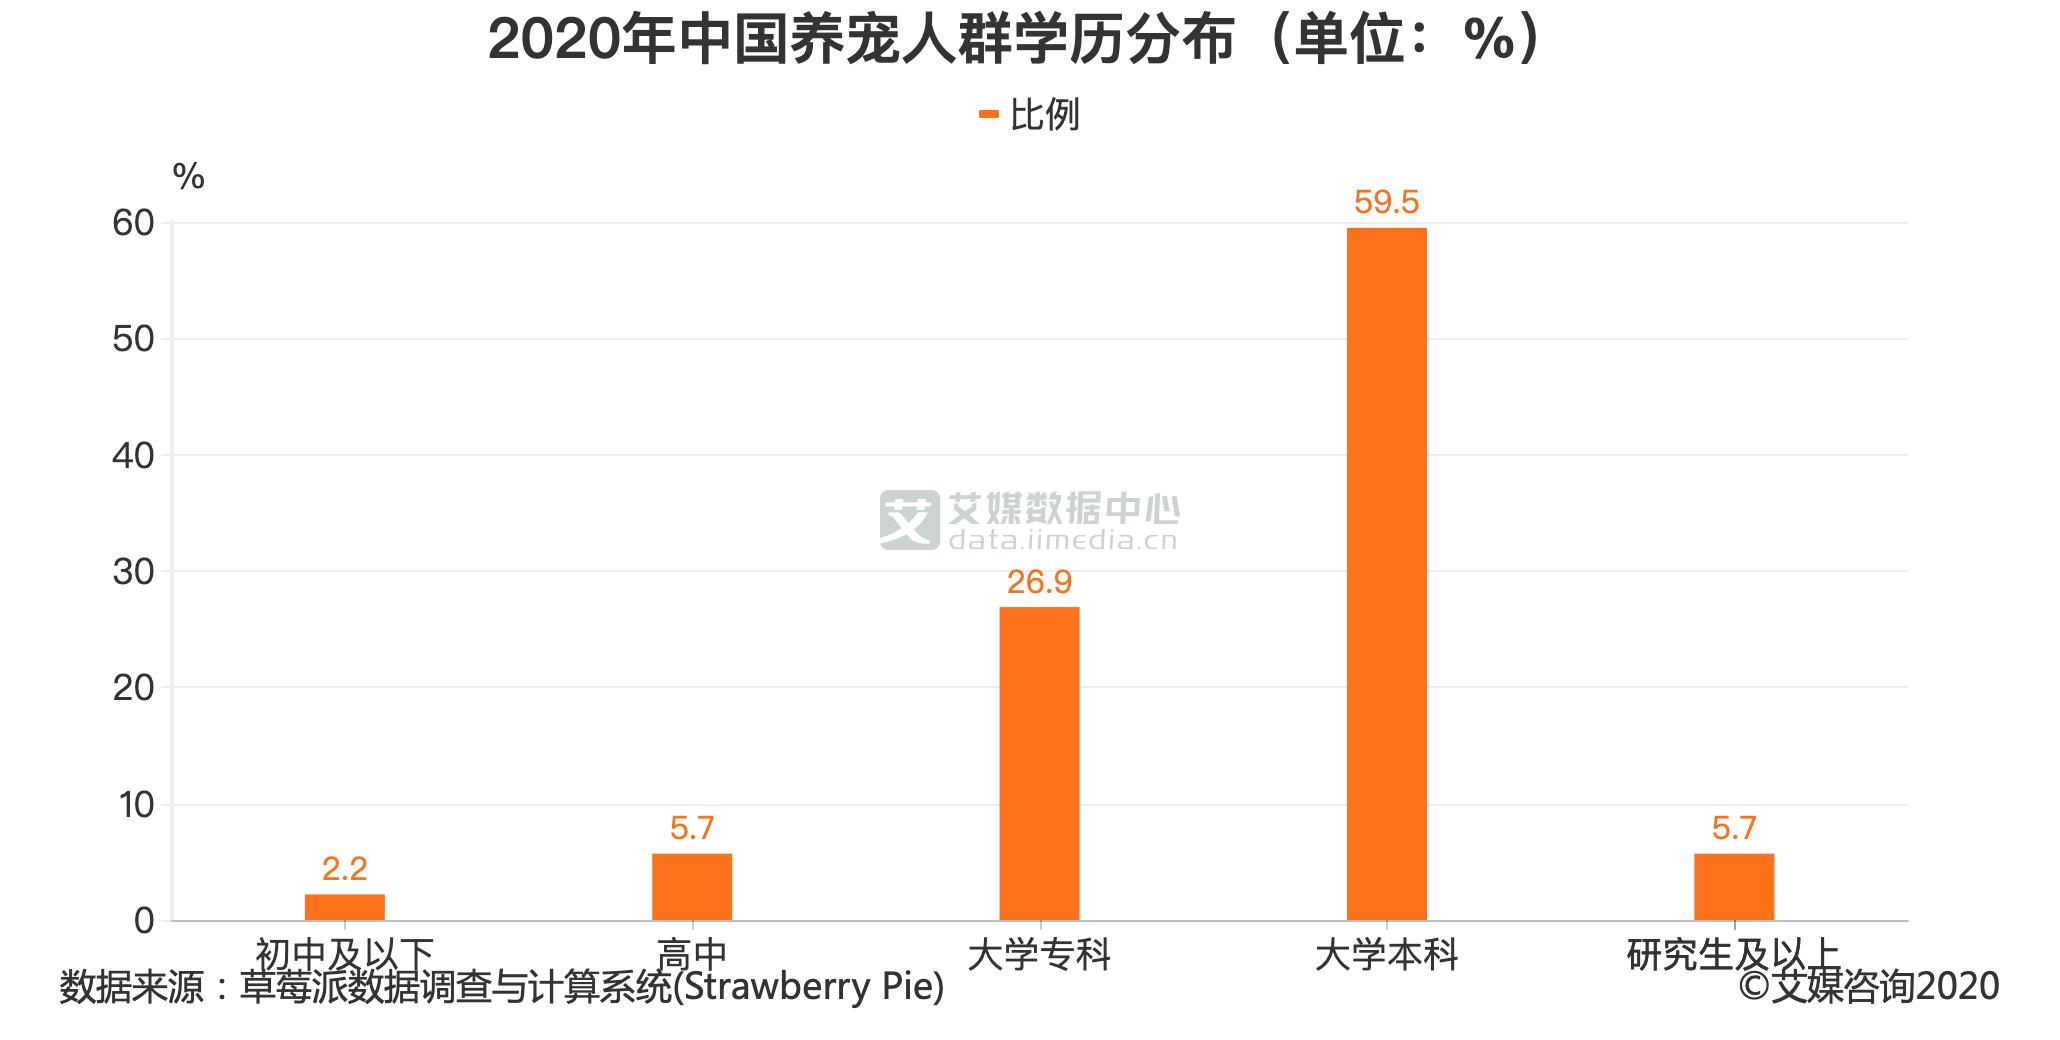 2020年中国养宠人群学历分布(单位:%)